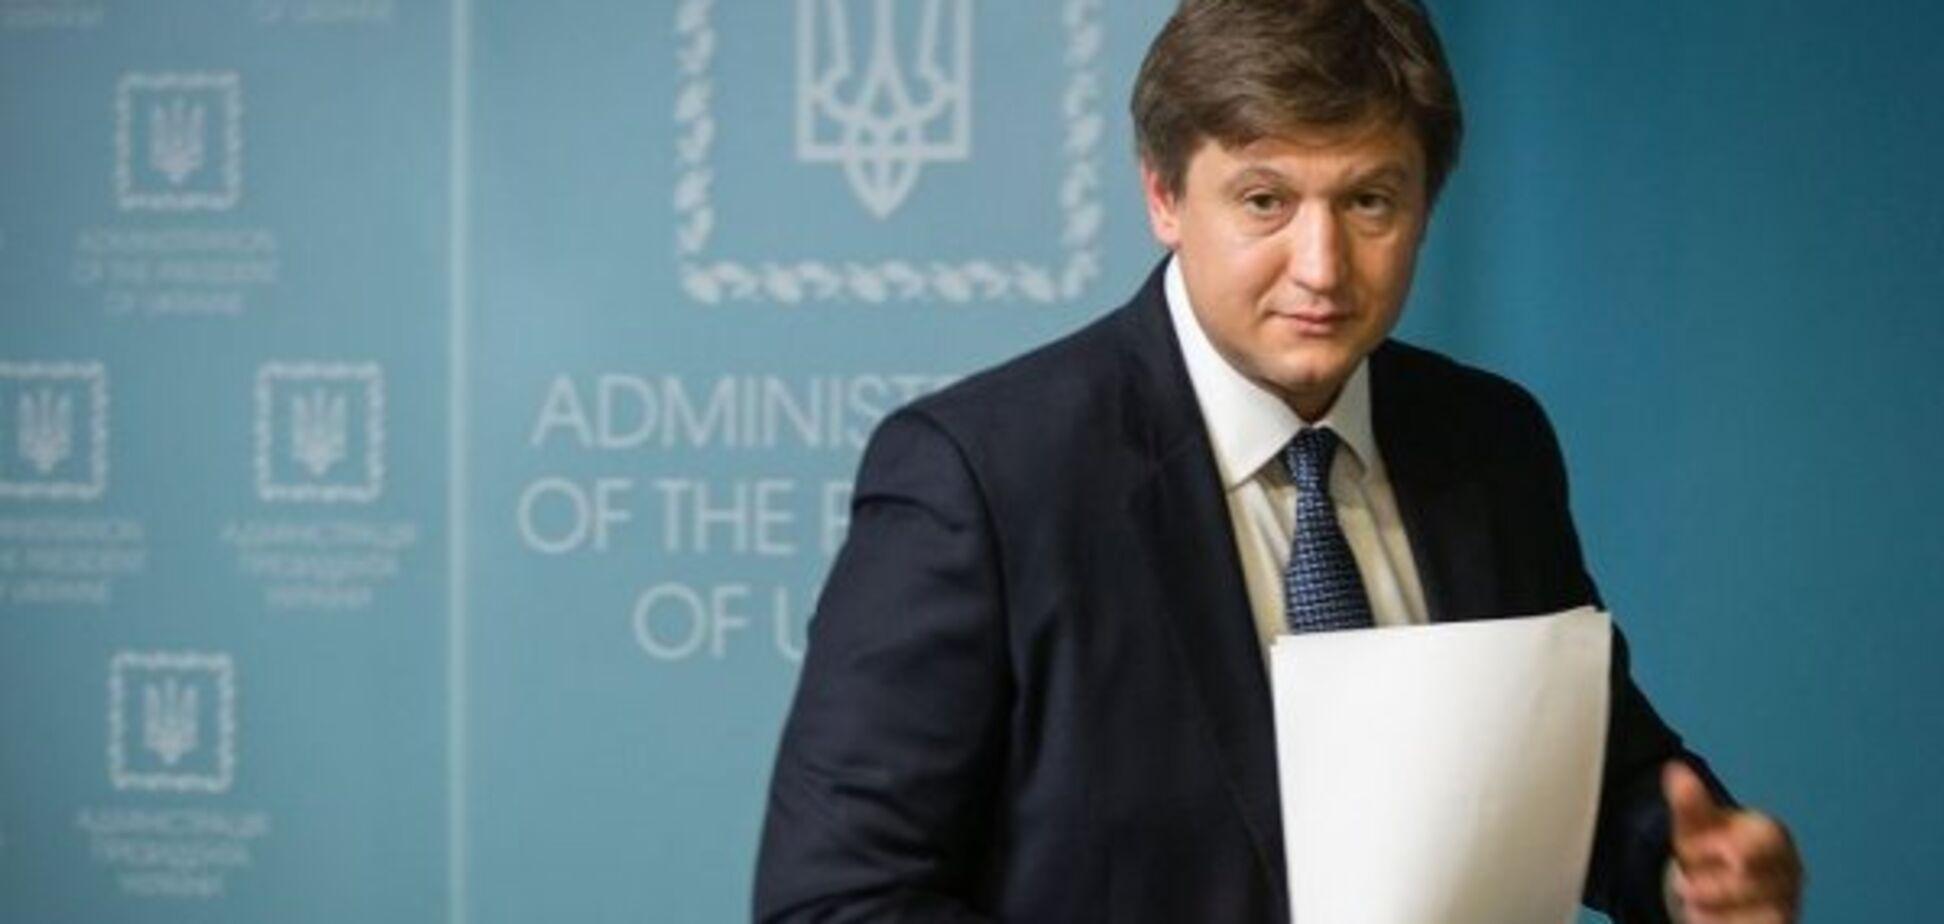 Можно и посадить: 'Обозреватель' нашел основания для немедленной отставки министра Данилюка